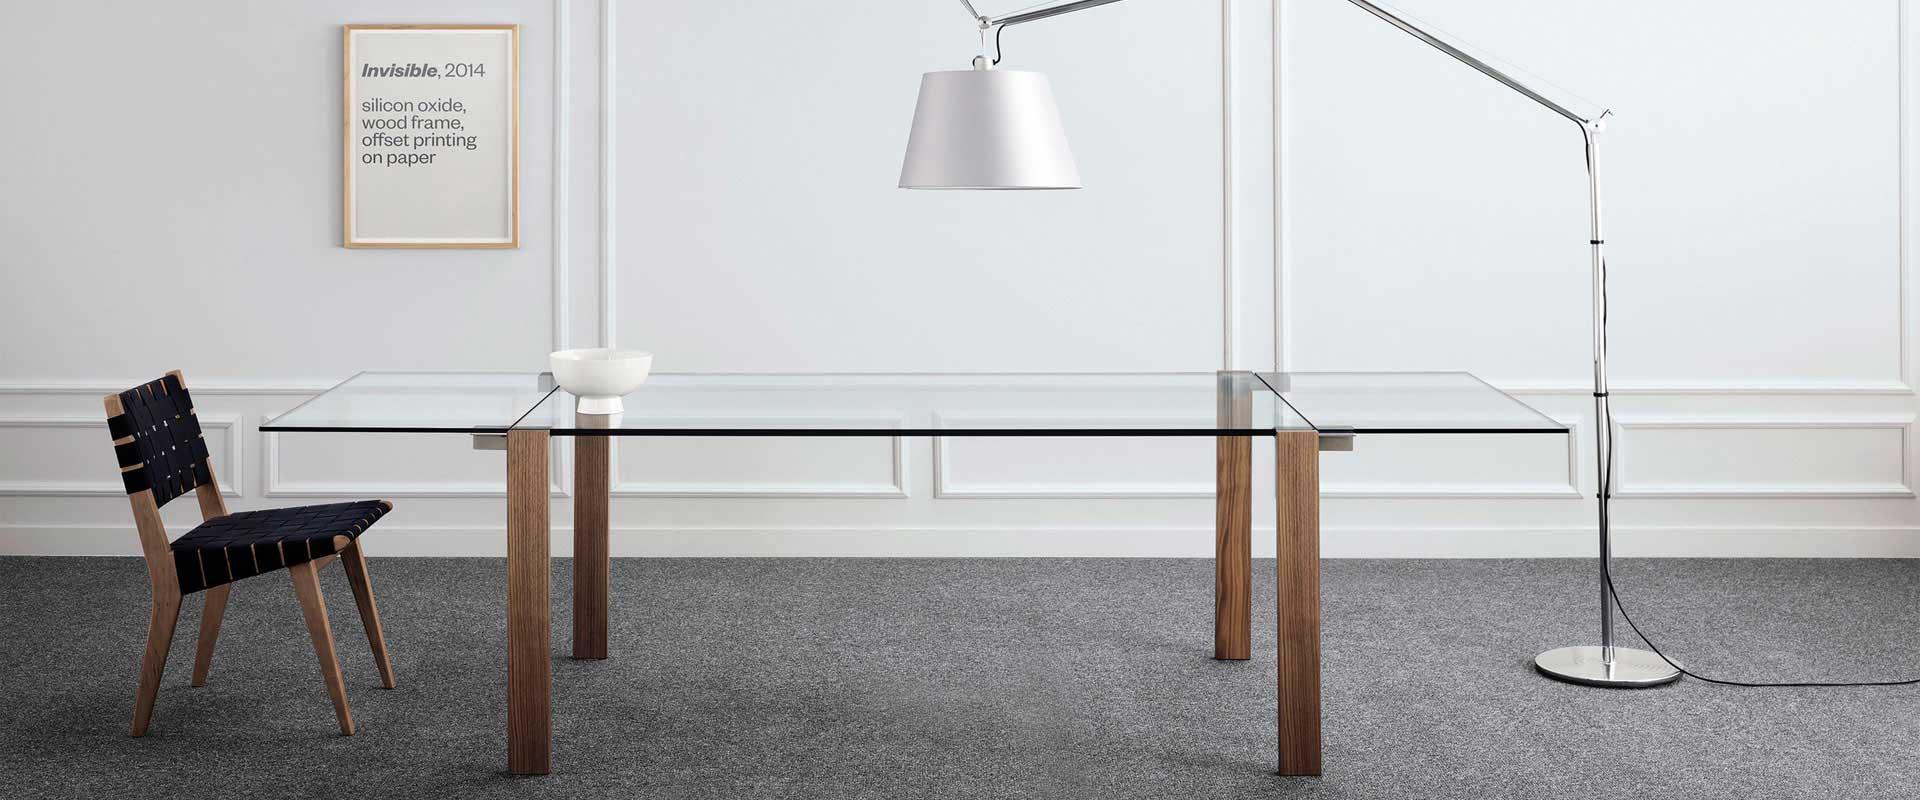 glass furniture featured item